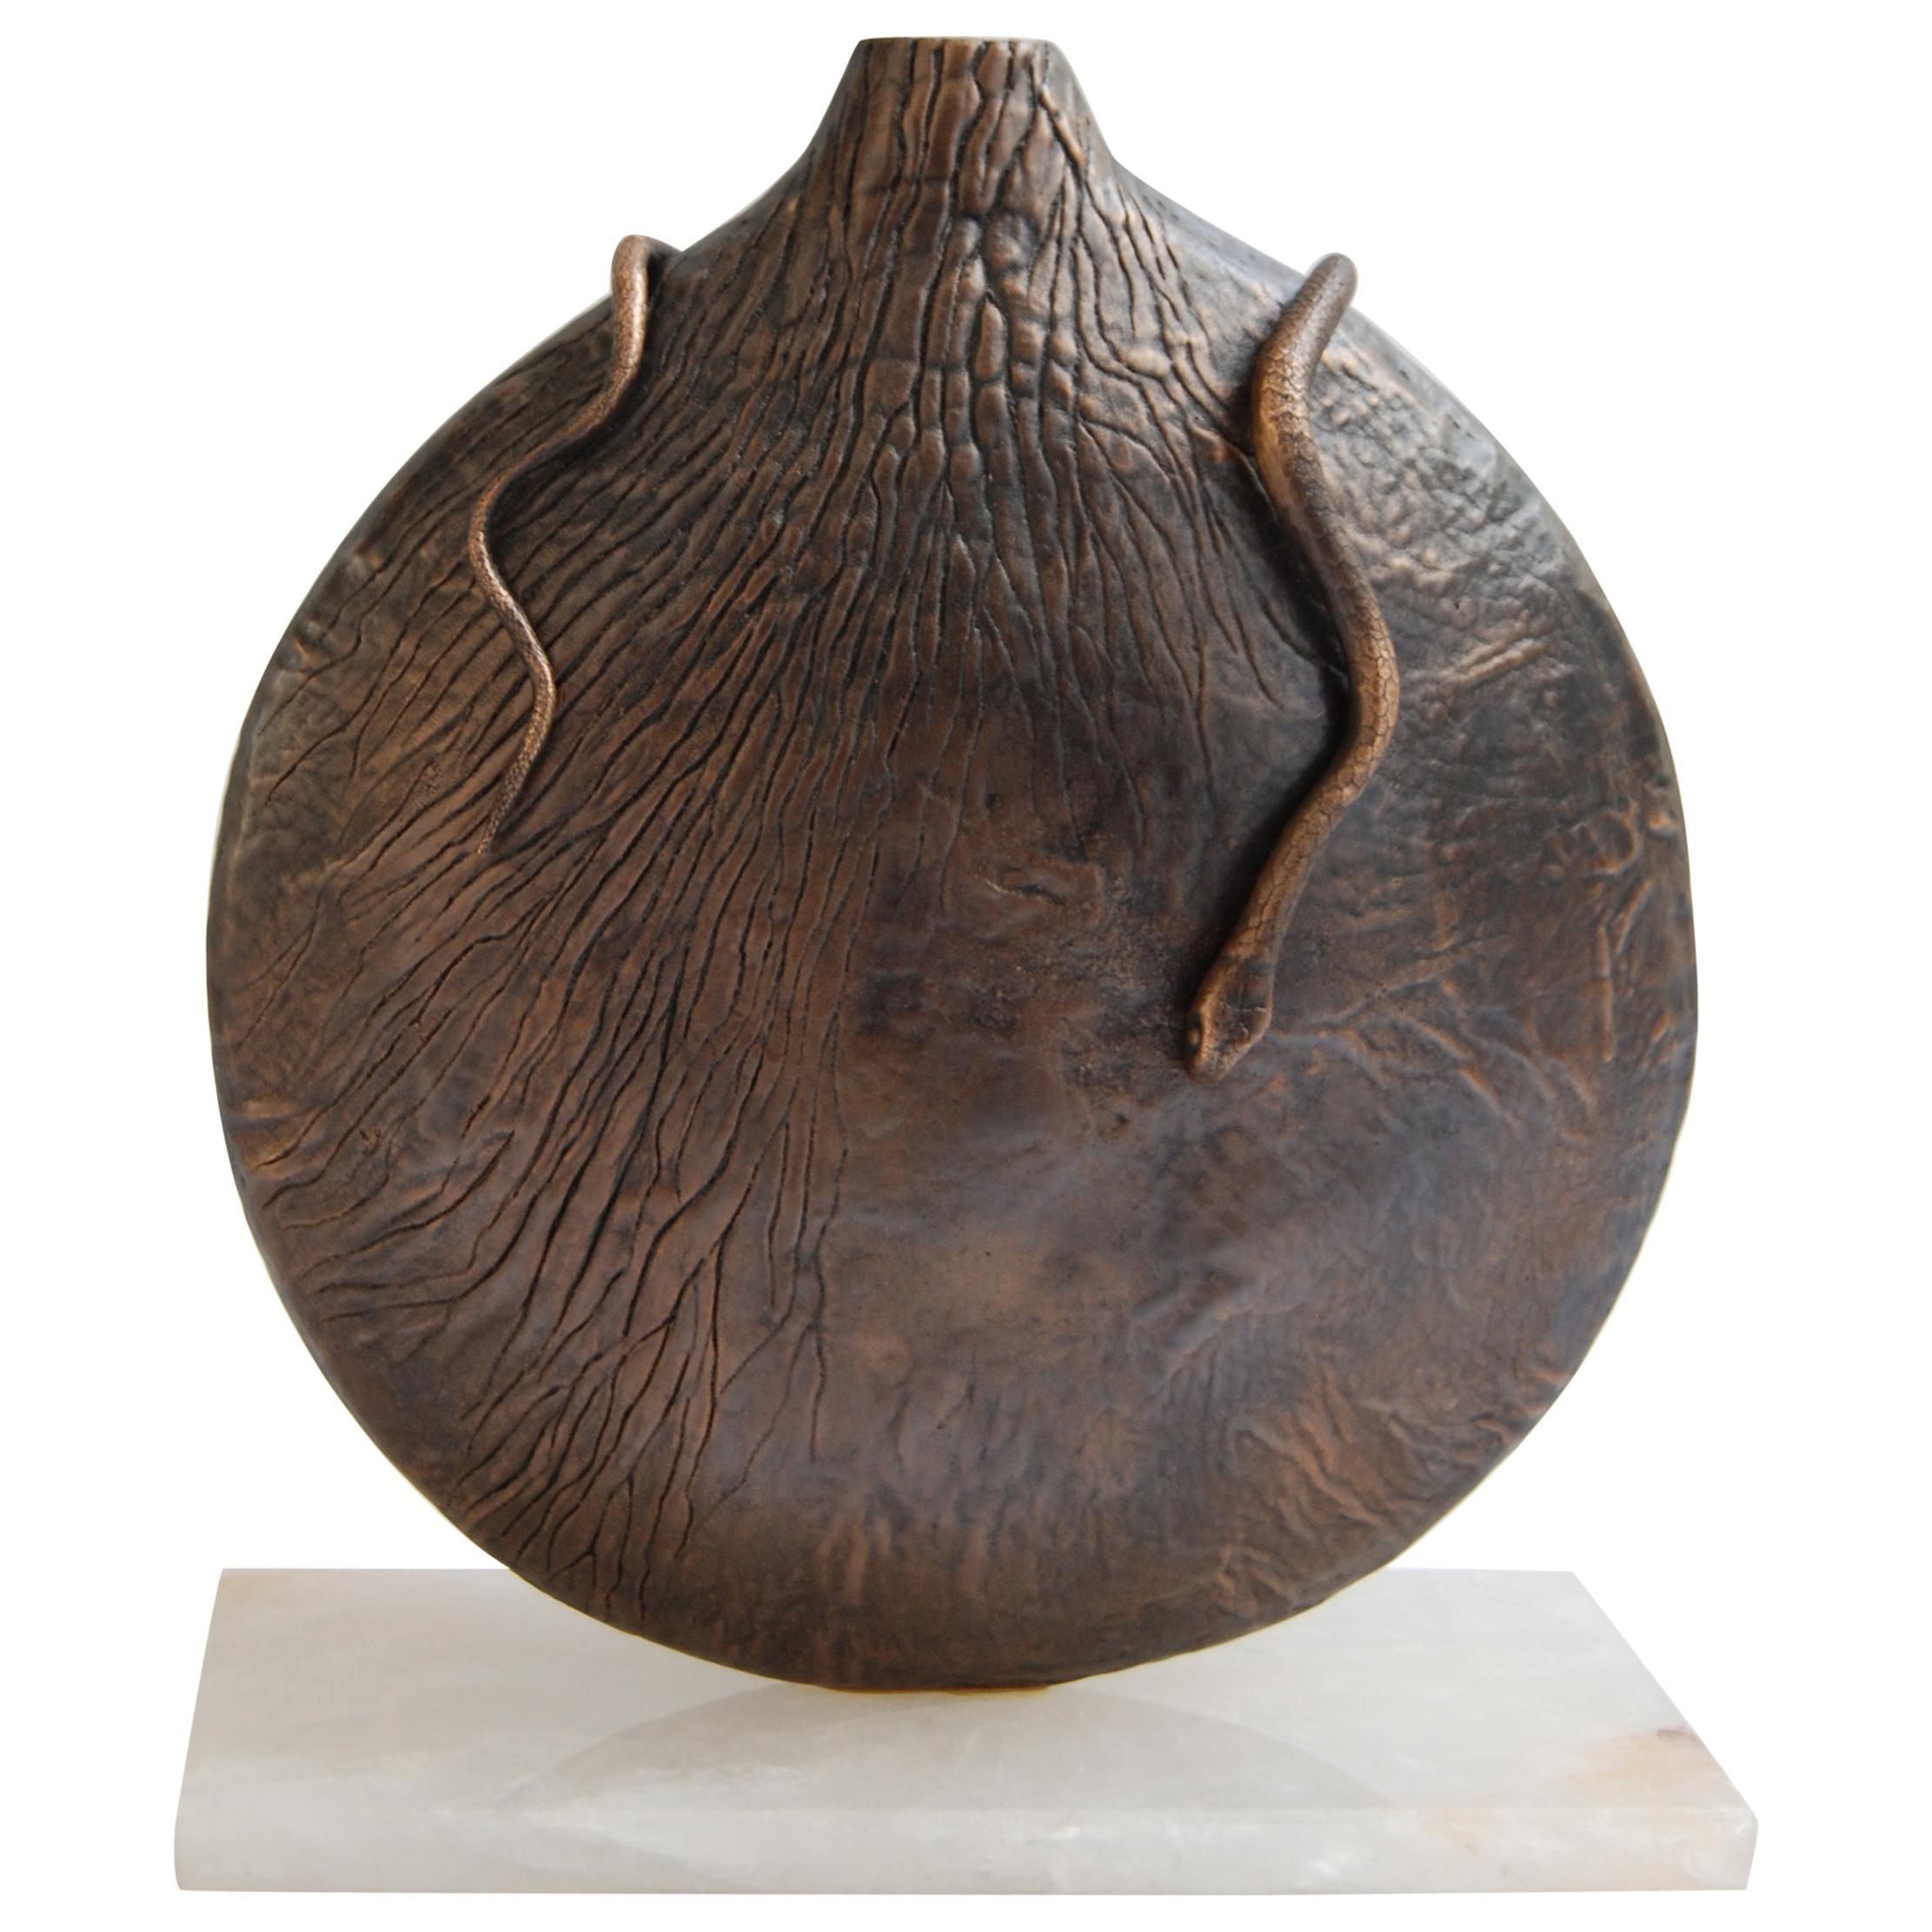 Round Vase in Dark Bronze by FAKASAKA Design